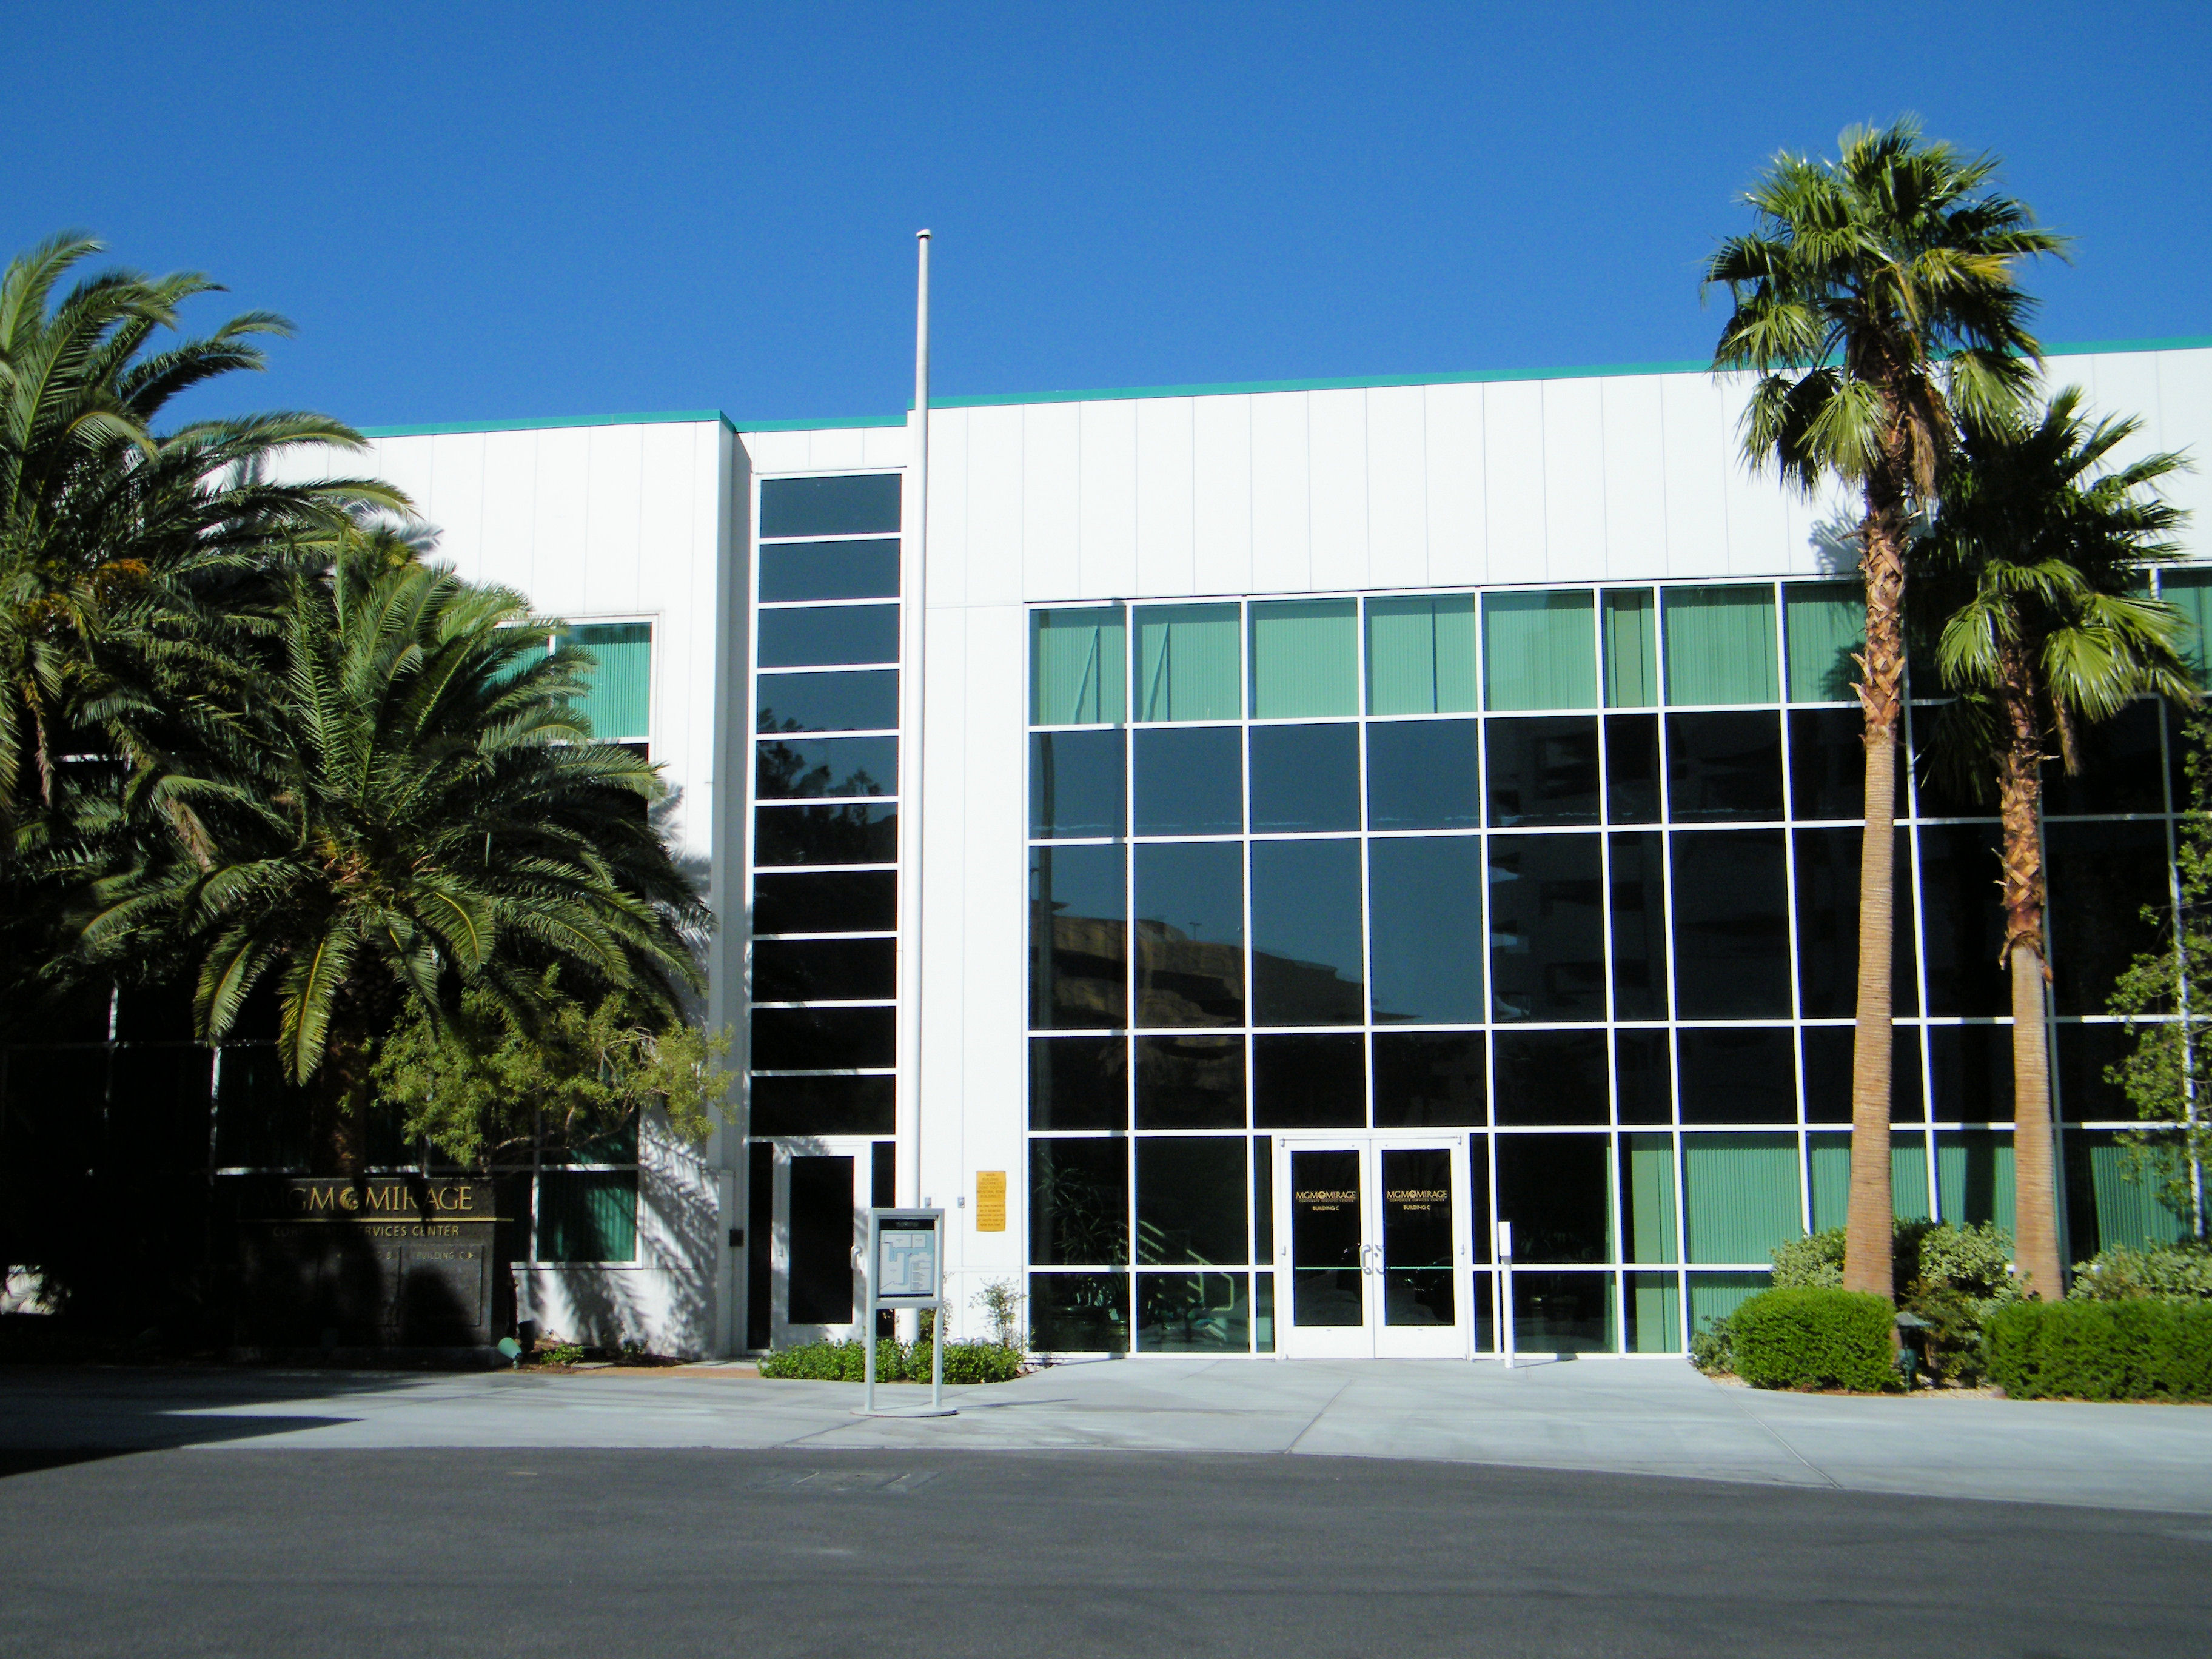 Bellagio Vacaciones en Las Vegas Aire - Paquetes Hotel - MGM Resorts Vacaciones